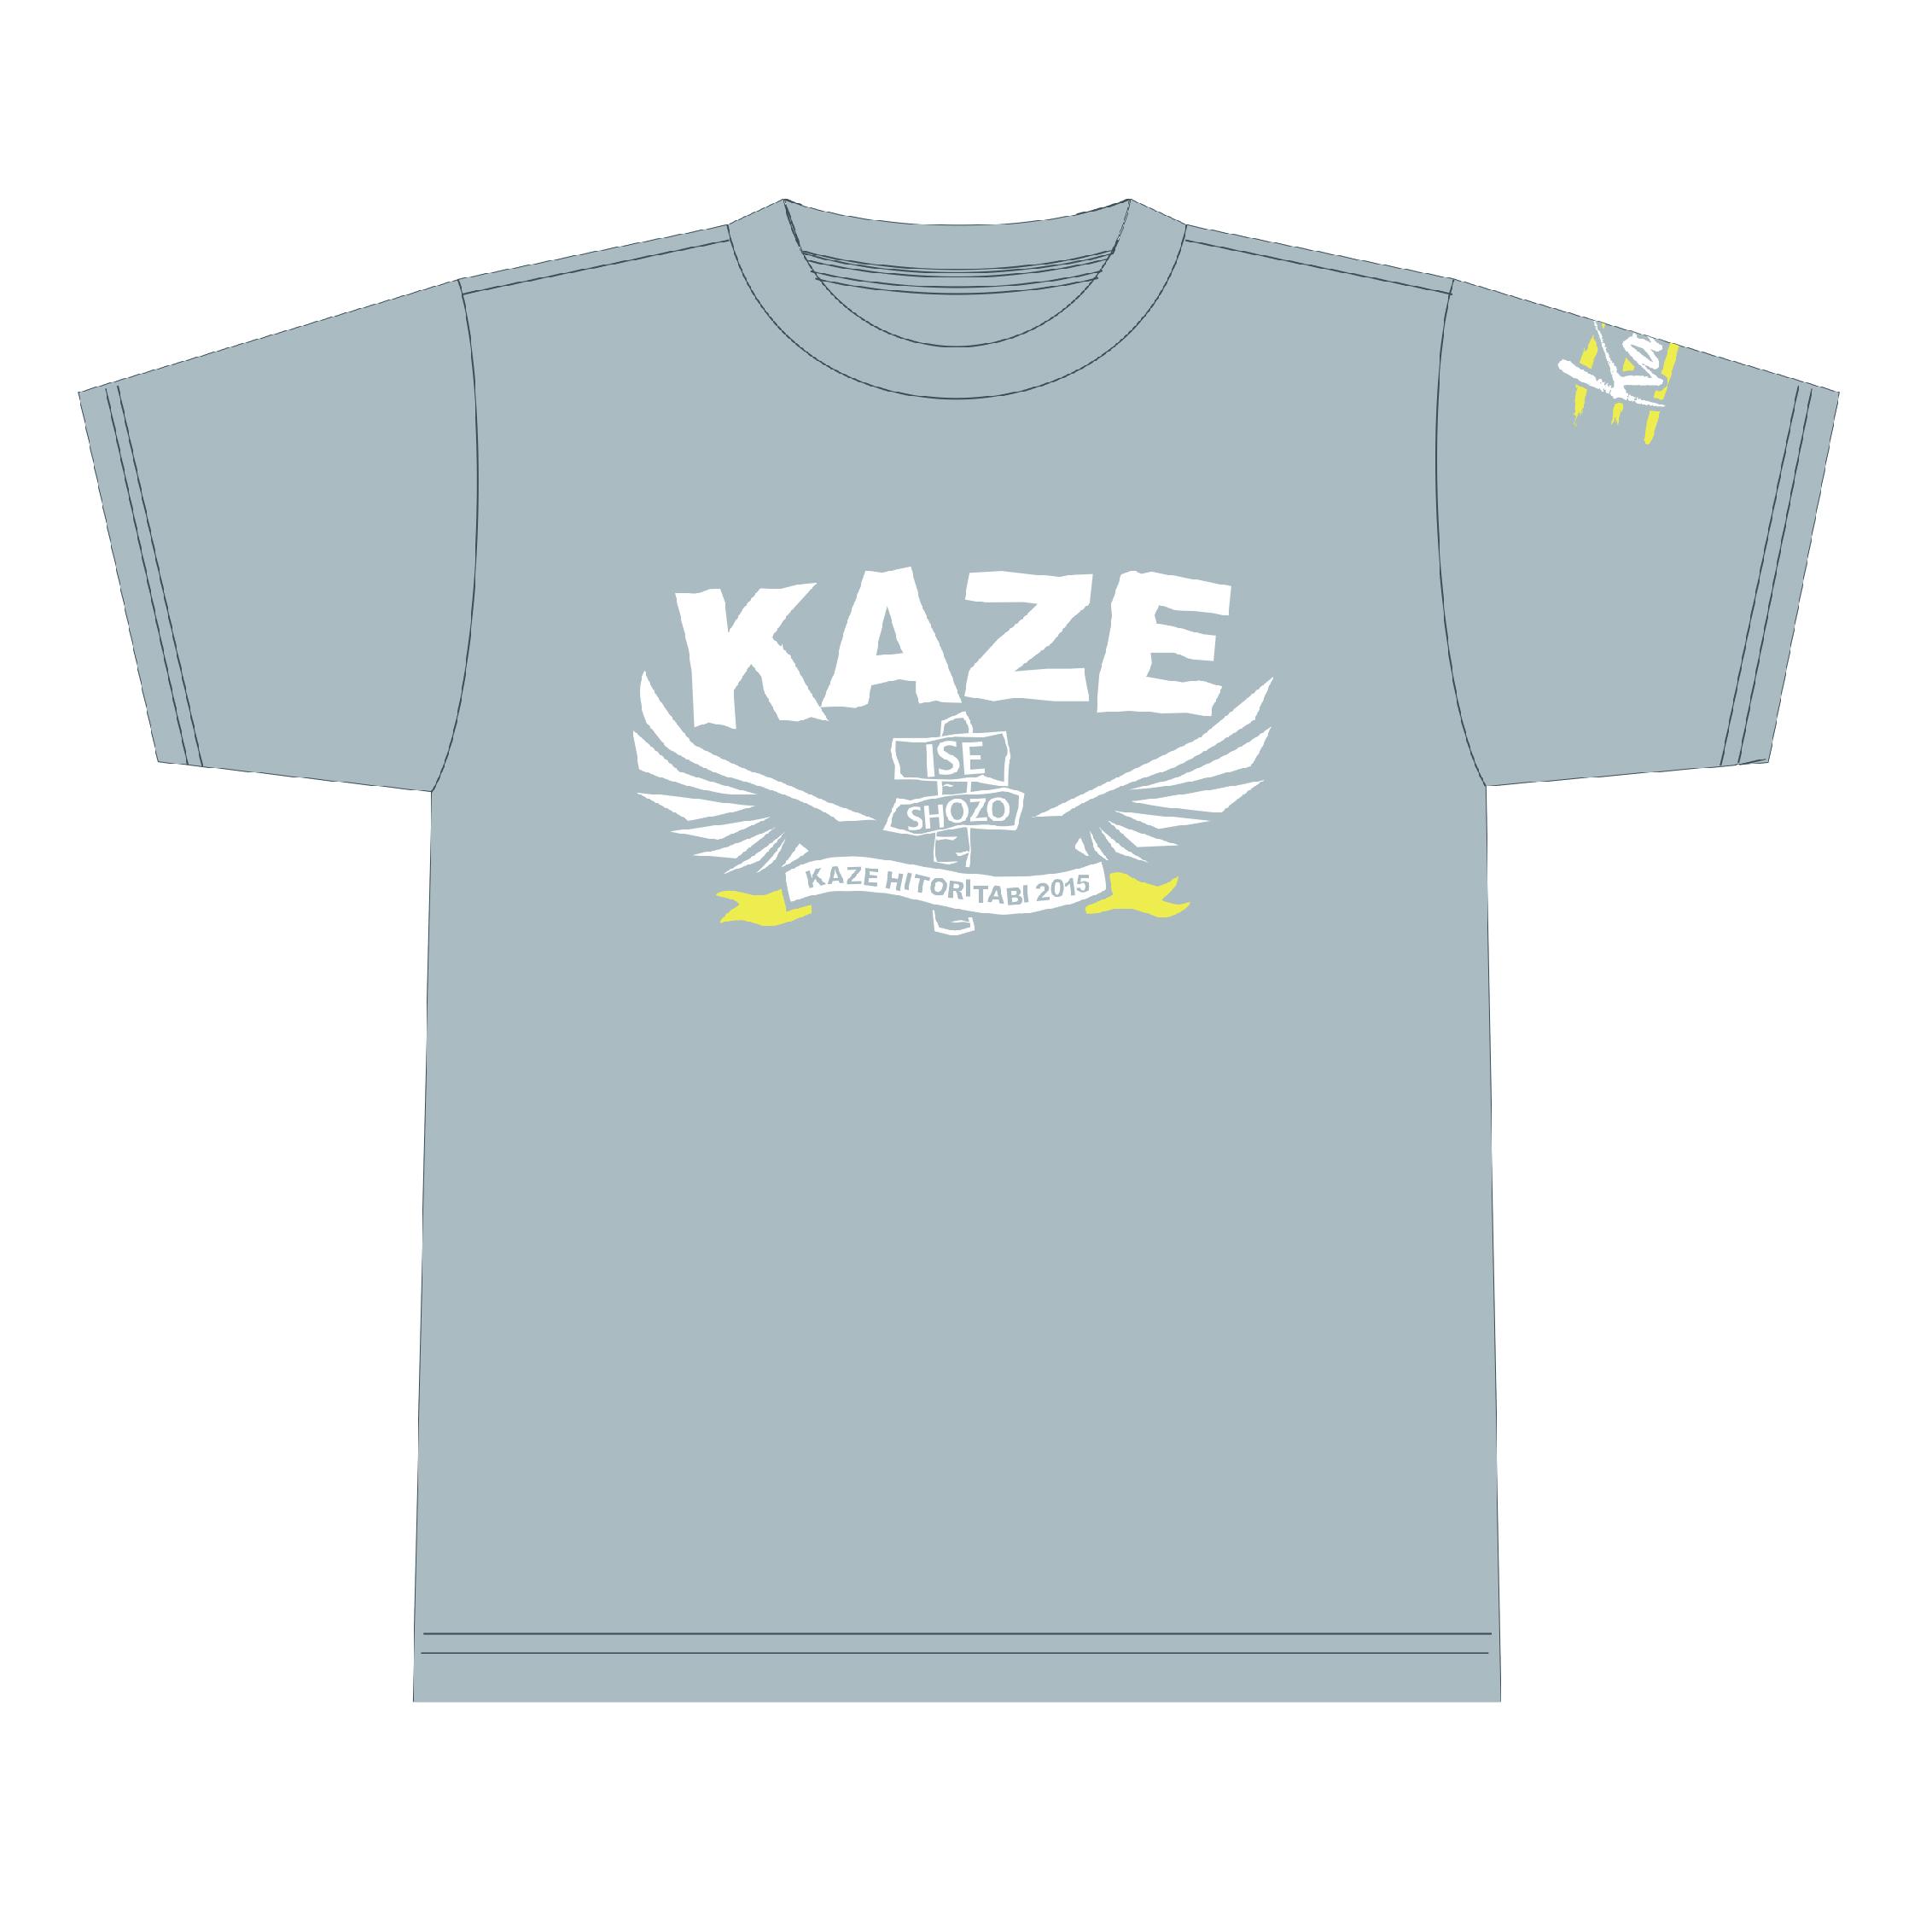 伊勢正三 2015Tシャツ<Kaze>【GRAY】